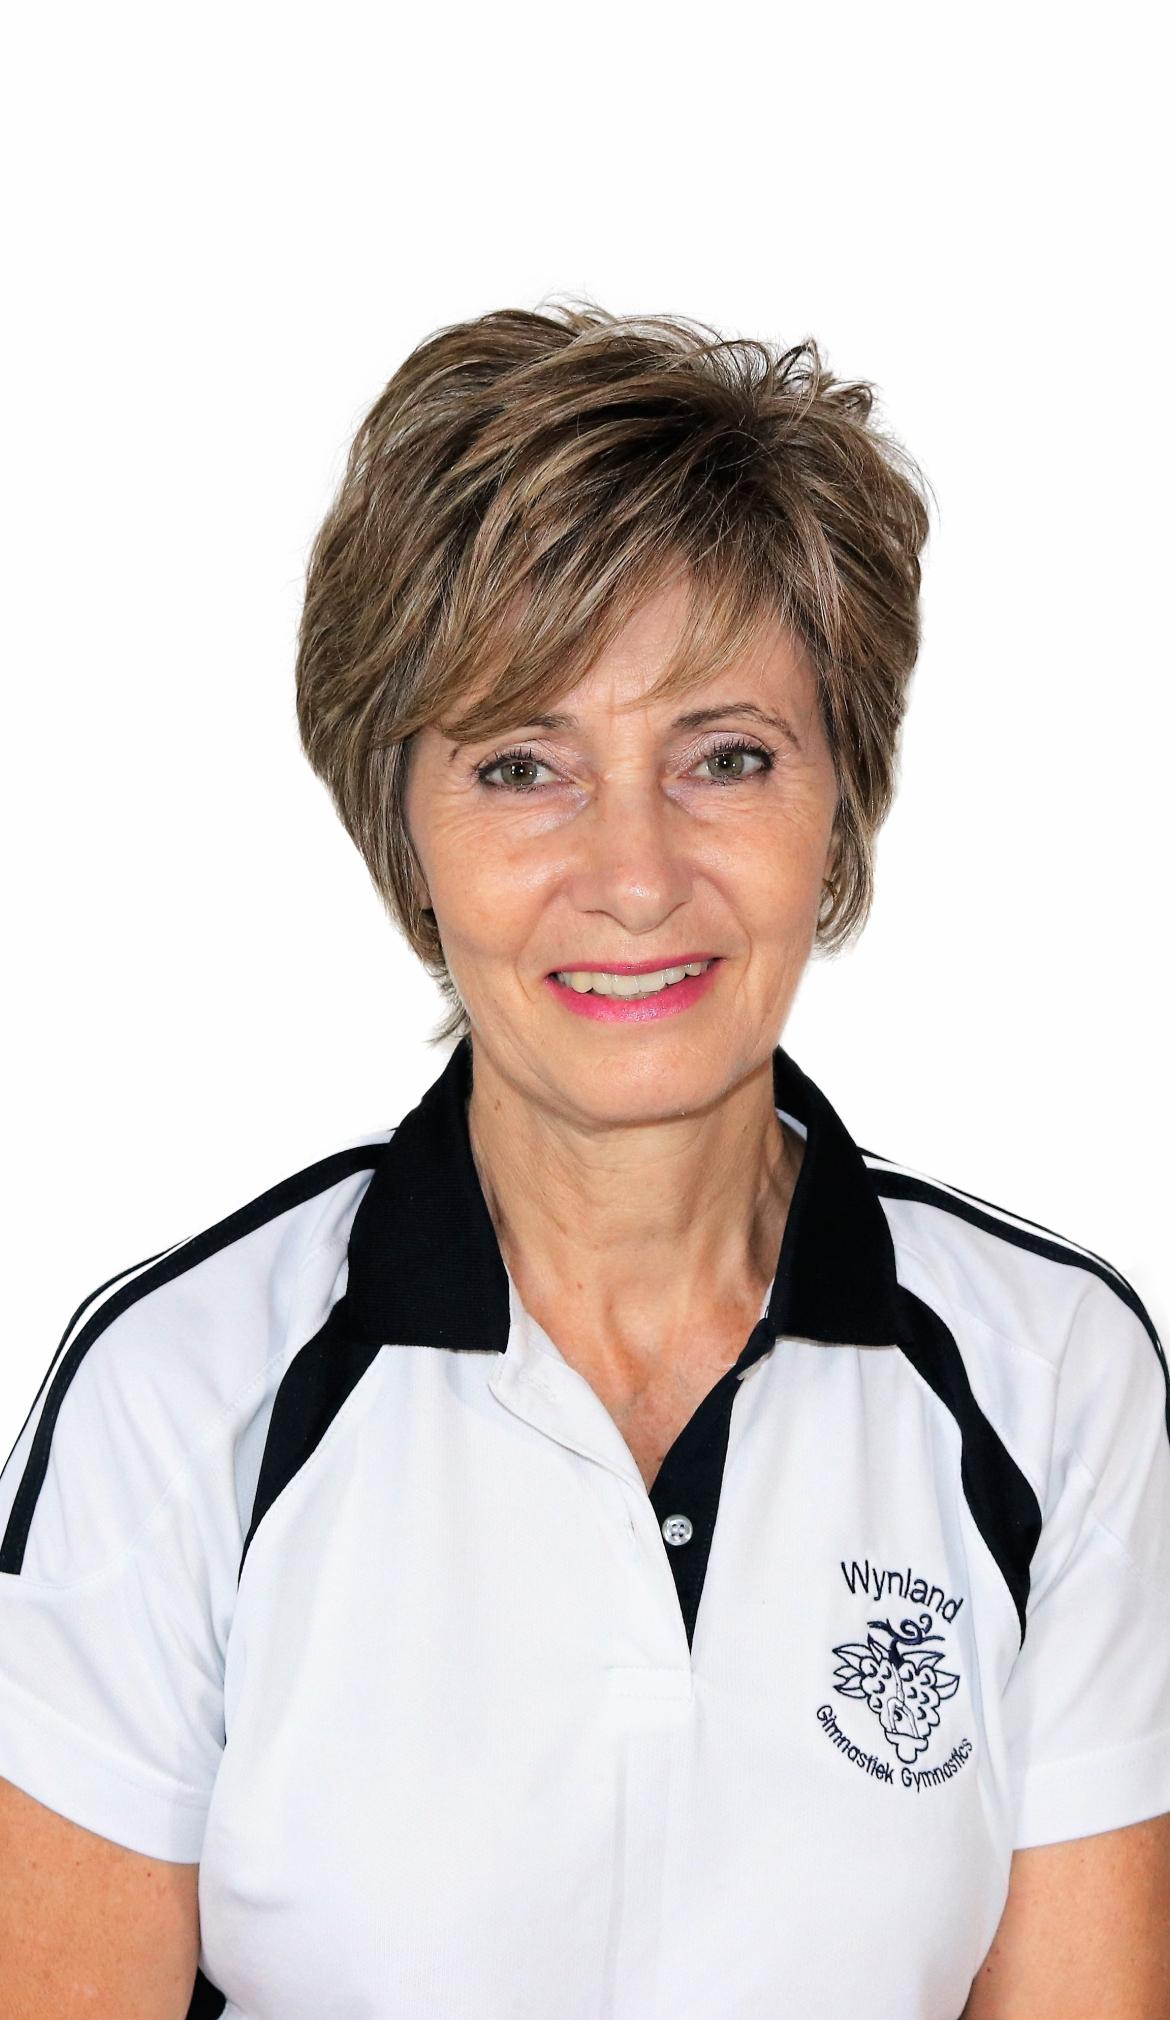 Wynland Gymnastics Coach Owner